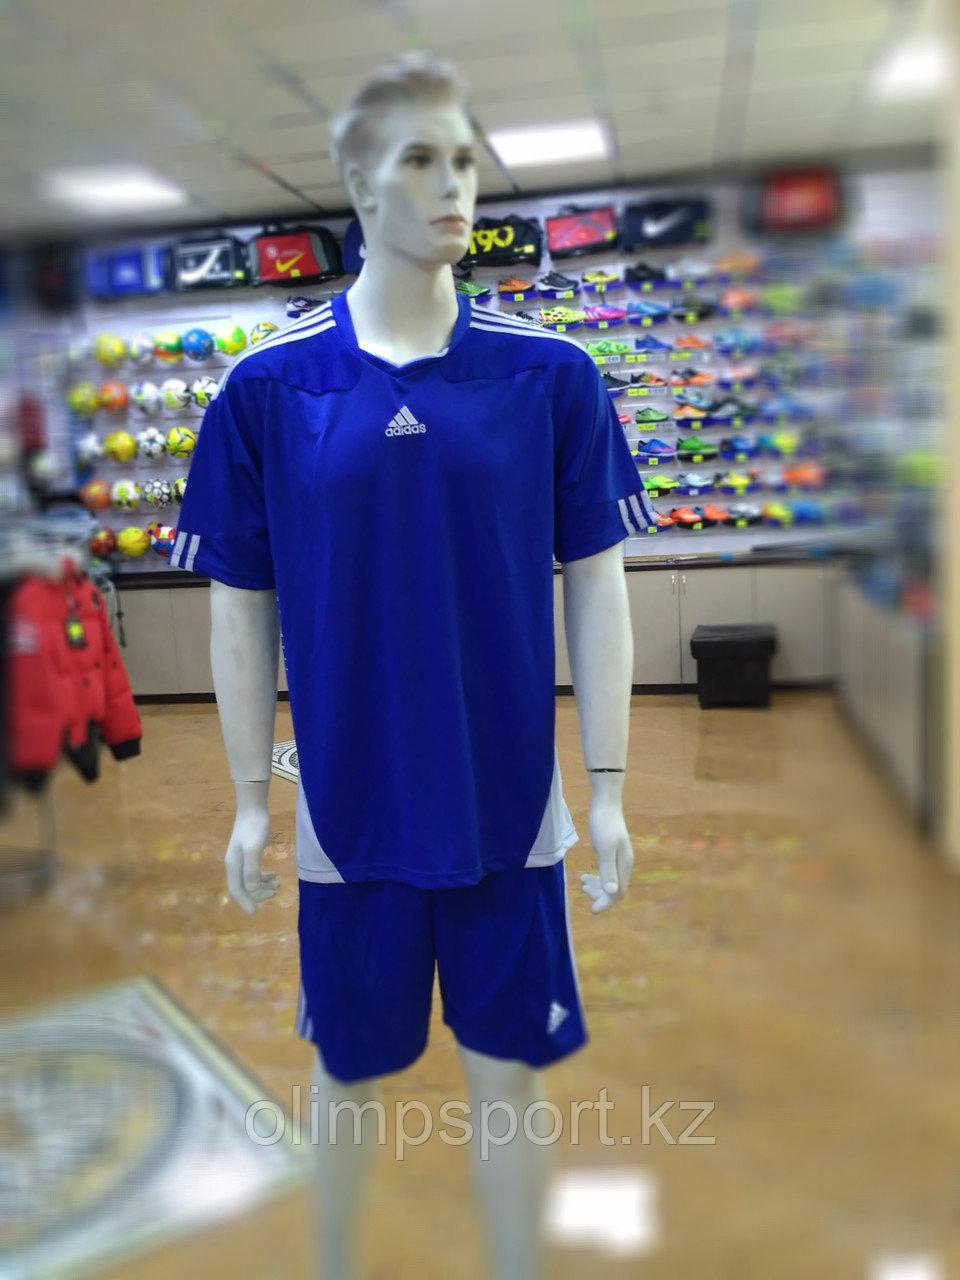 Футбольная форма Adidas 004, взрослая